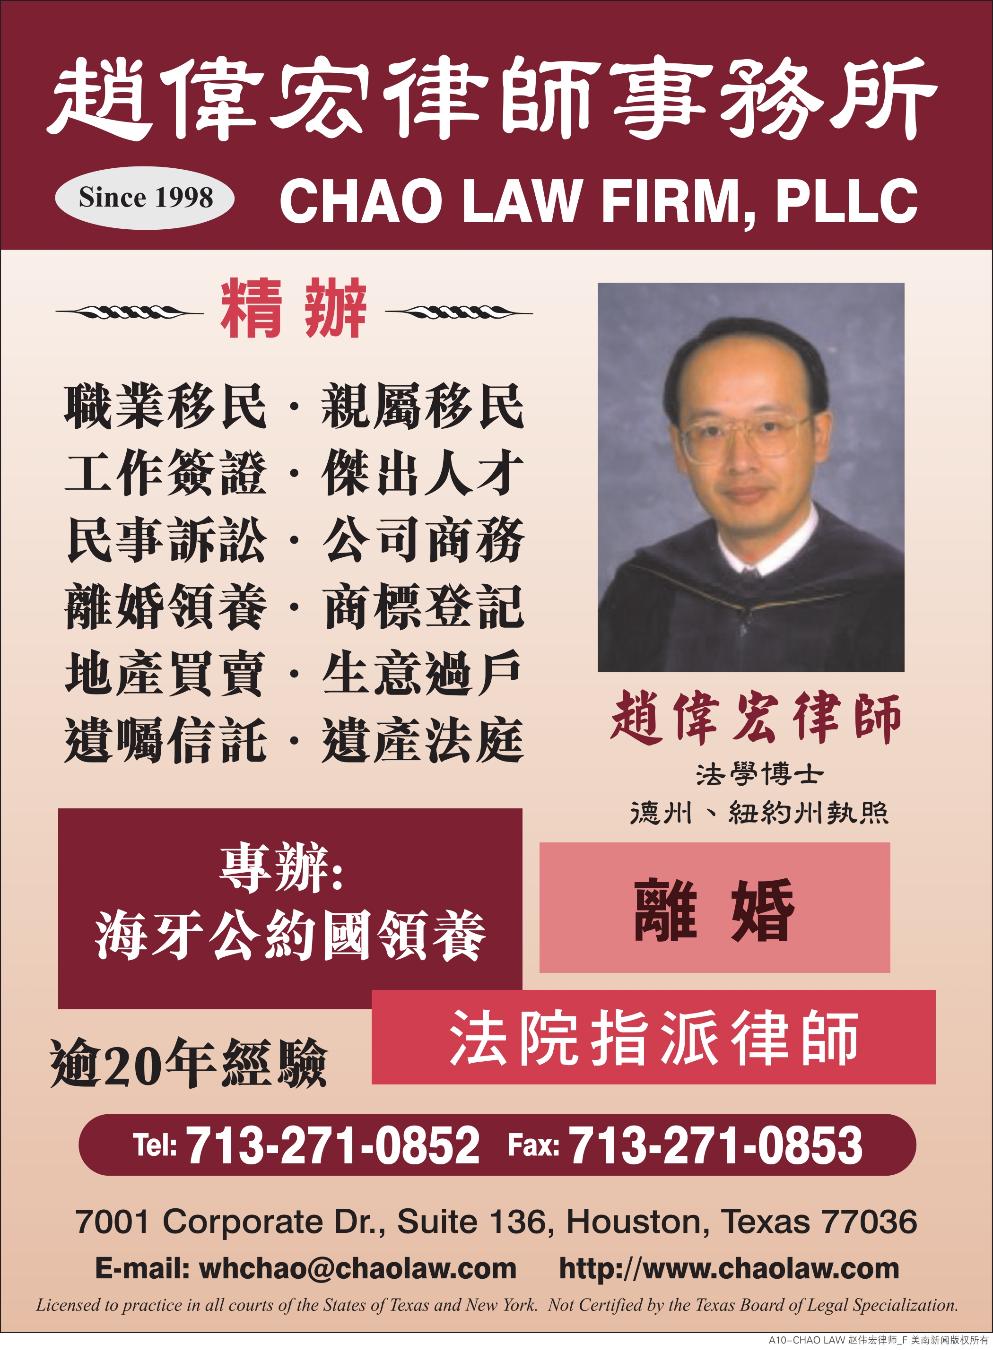 CHAO LAW FIRM 赵伟宏律师事务所